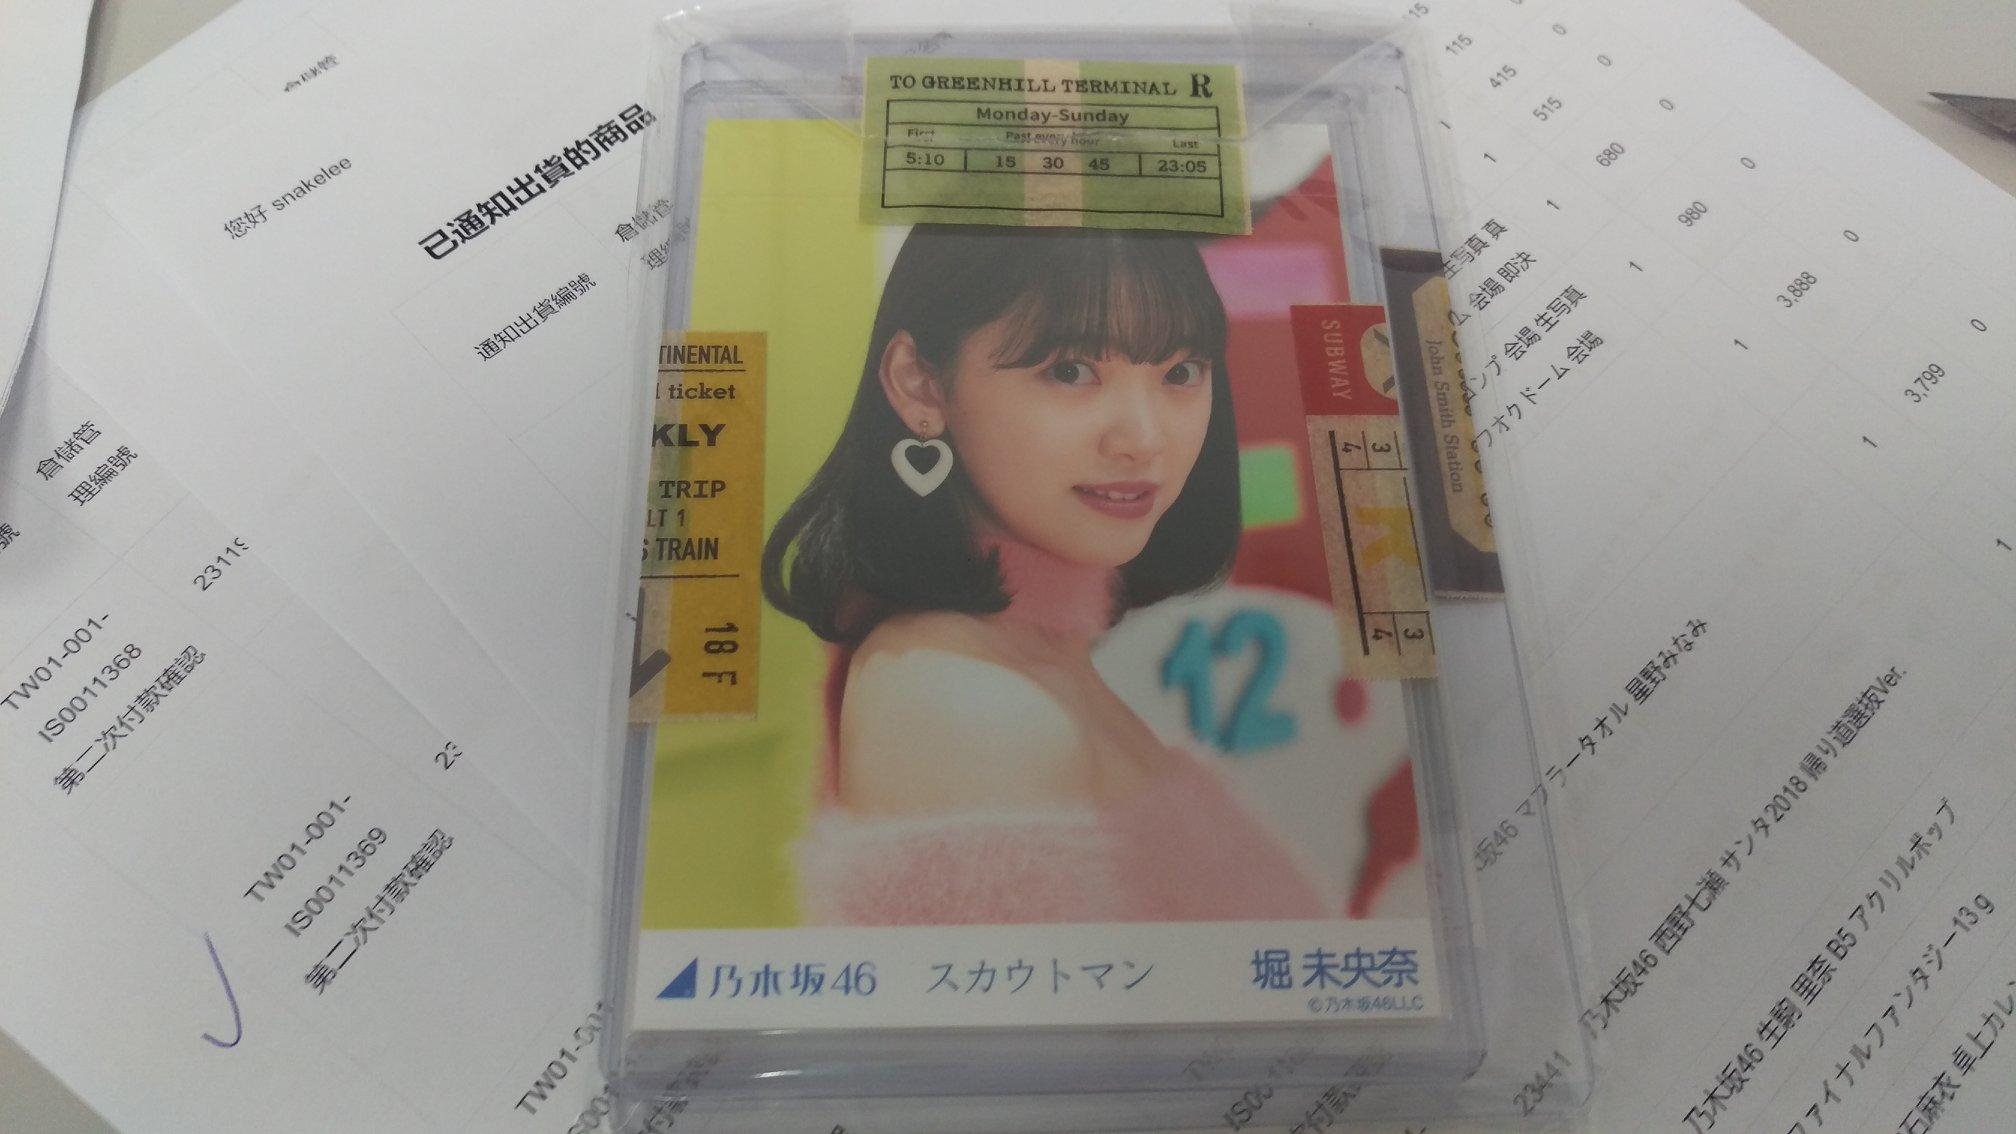 乃木坂46 堀未央奈生寫真